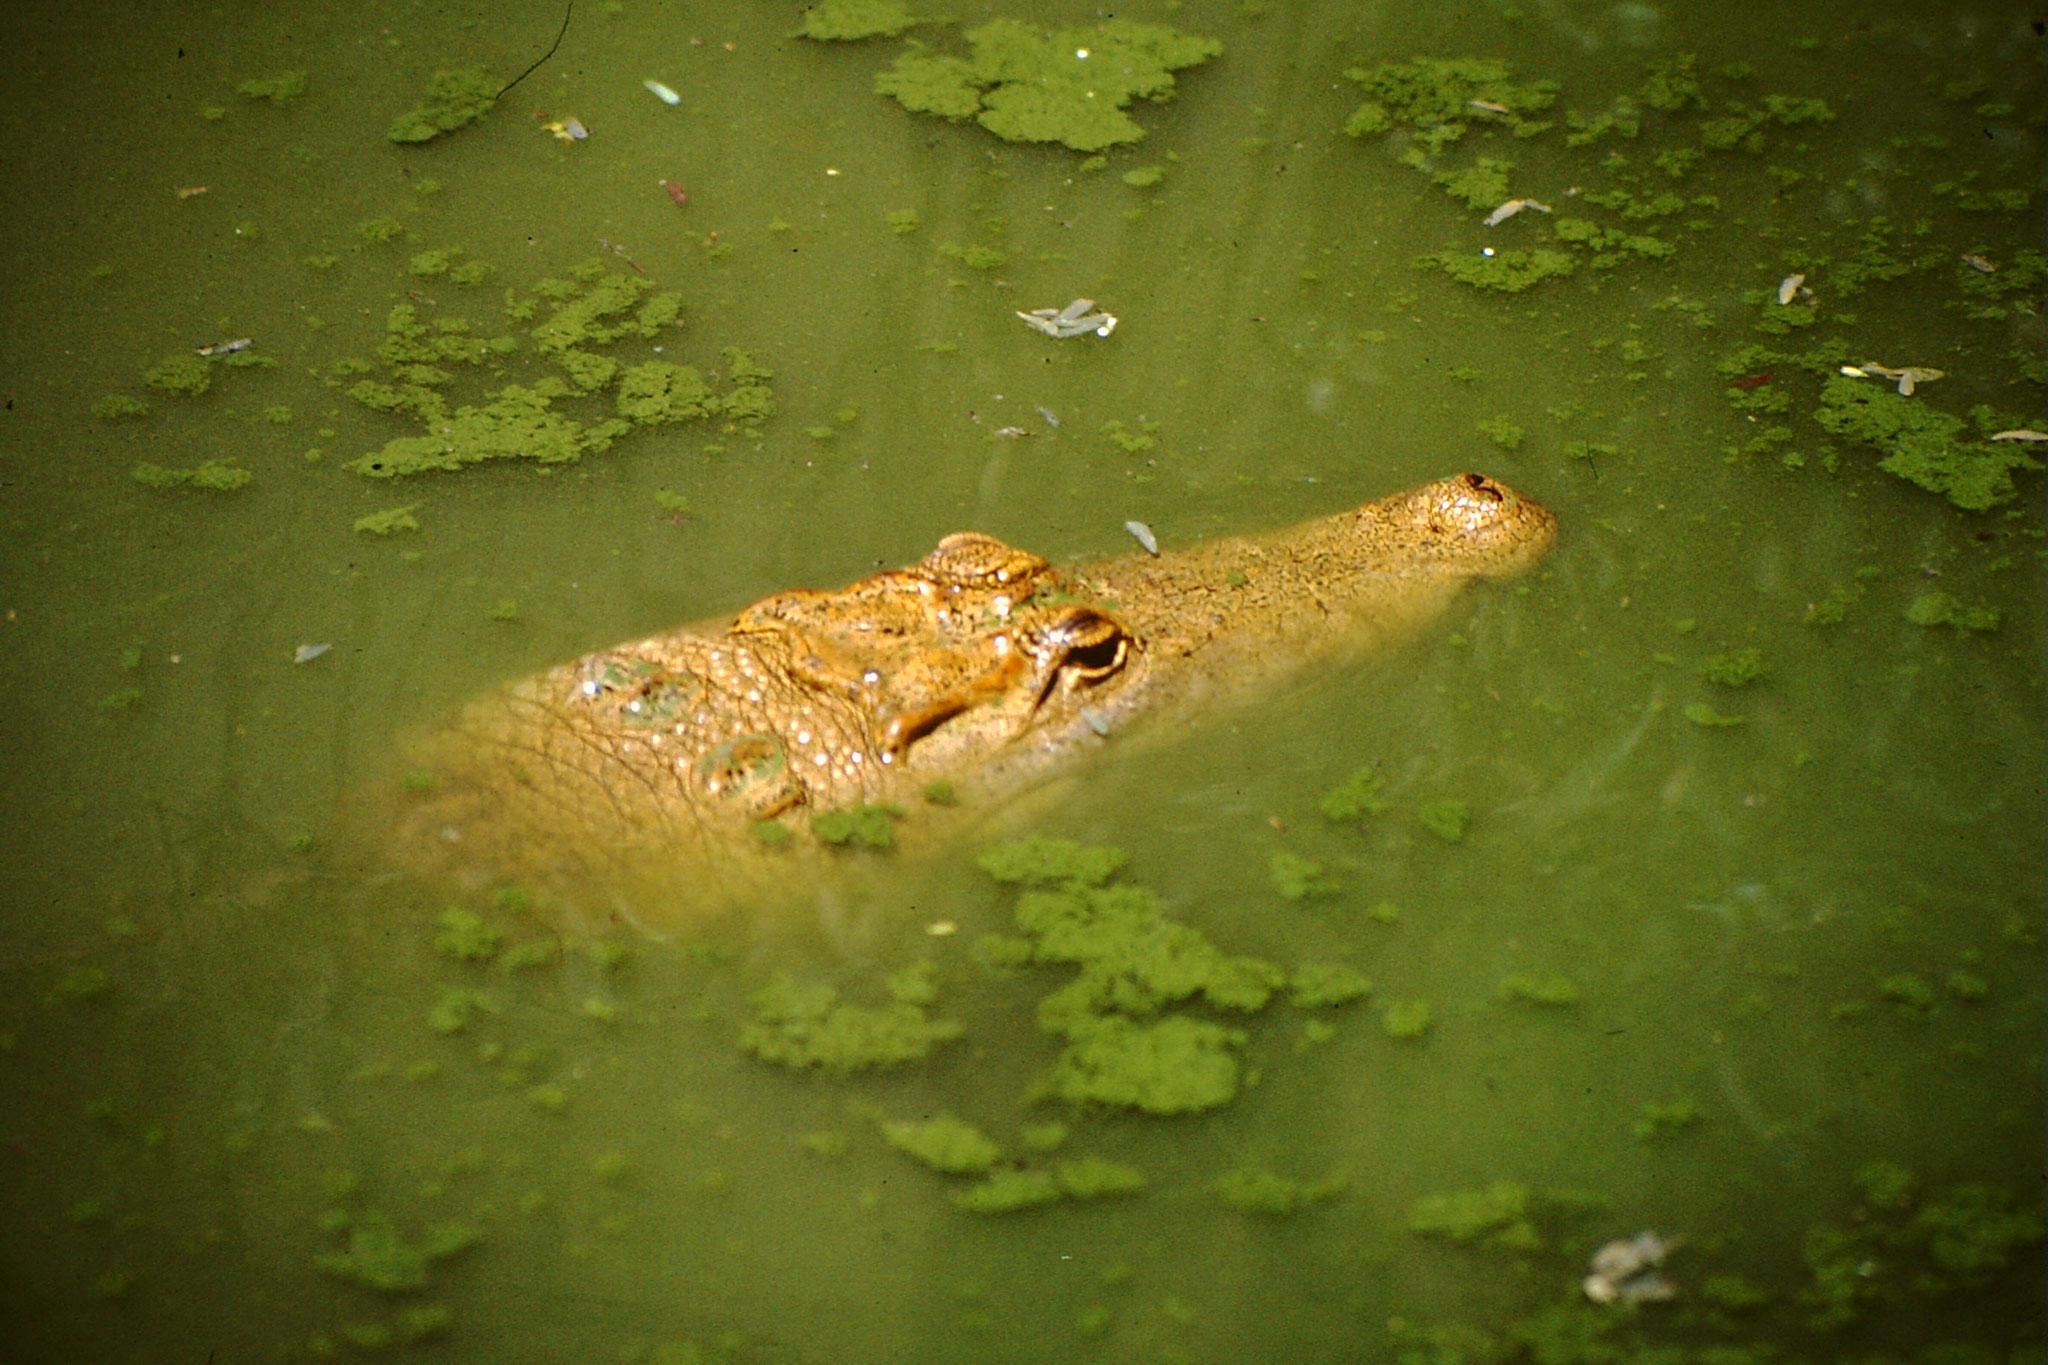 Die Piste führte uns durch ein Sumpfgebiet. Weit weg vom nächsten Dorf. Zuschauer gab es trotzdem. Wenn es auch nur ein Krokodil war.